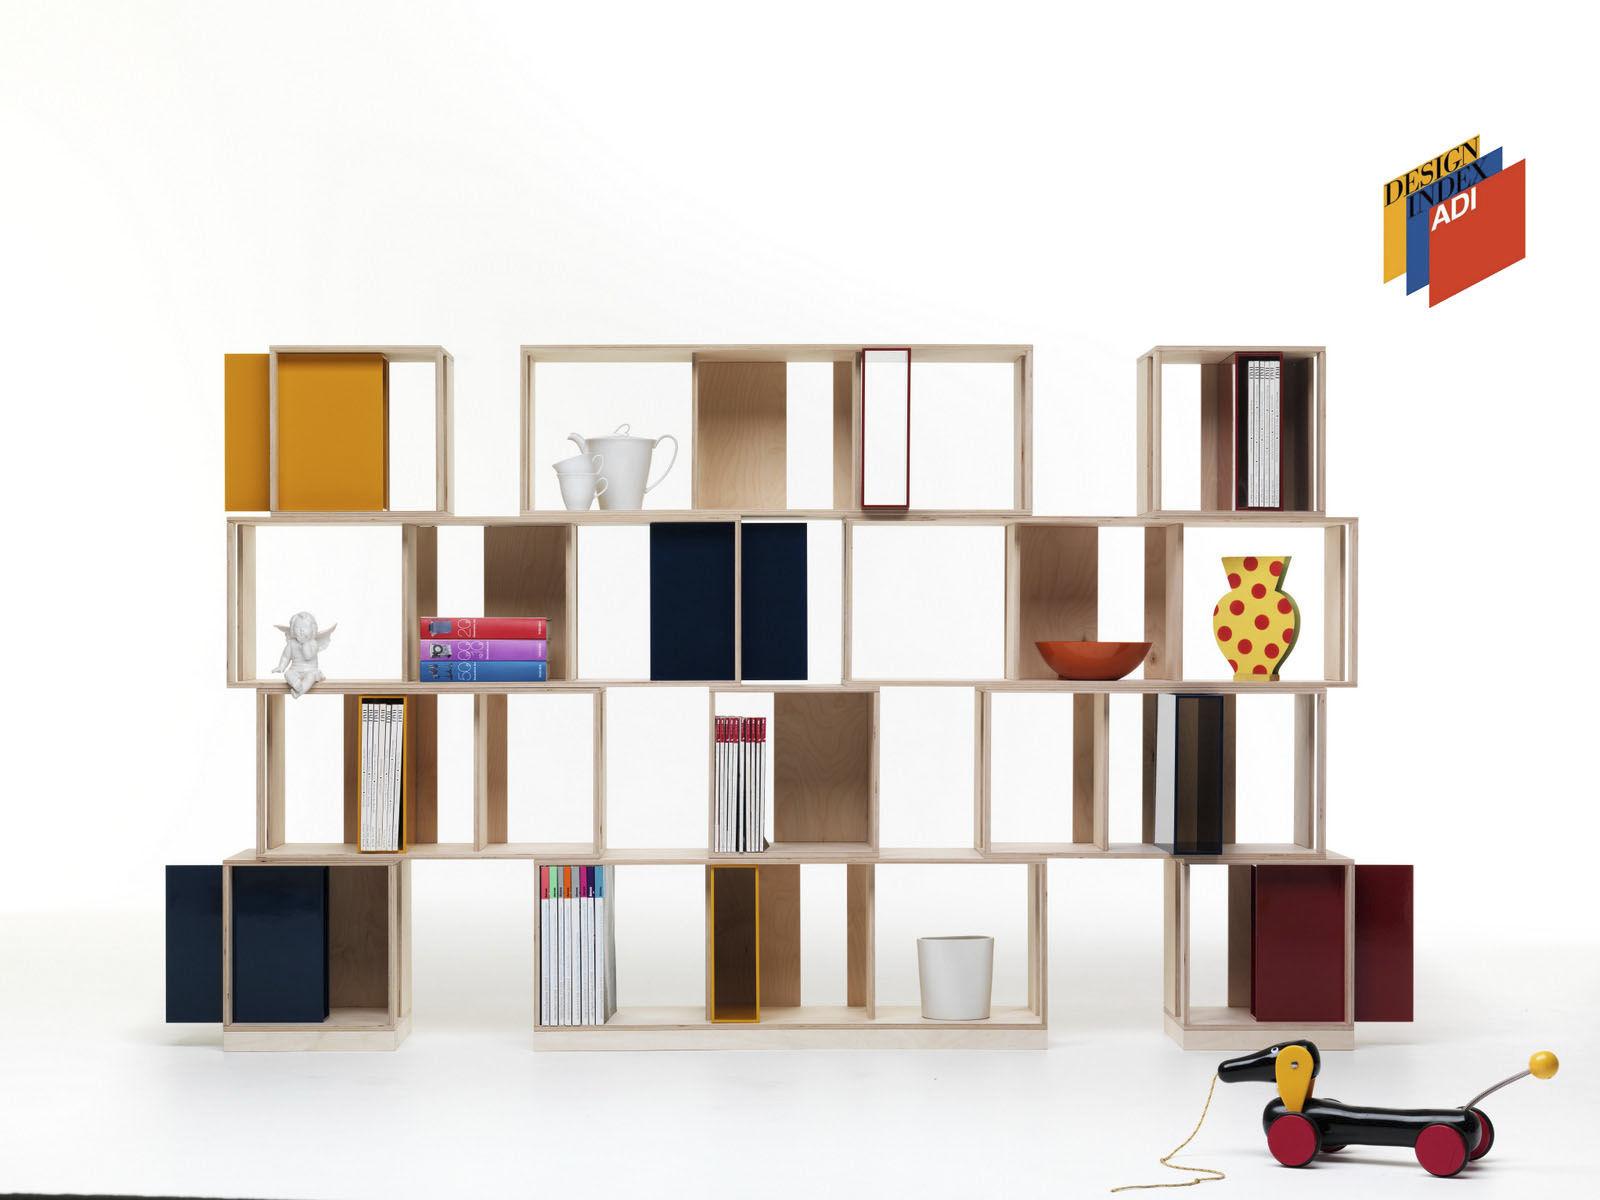 wohnzimmer regal | jtleigh.com - hausgestaltung ideen - Wohnzimmer Regal Modern